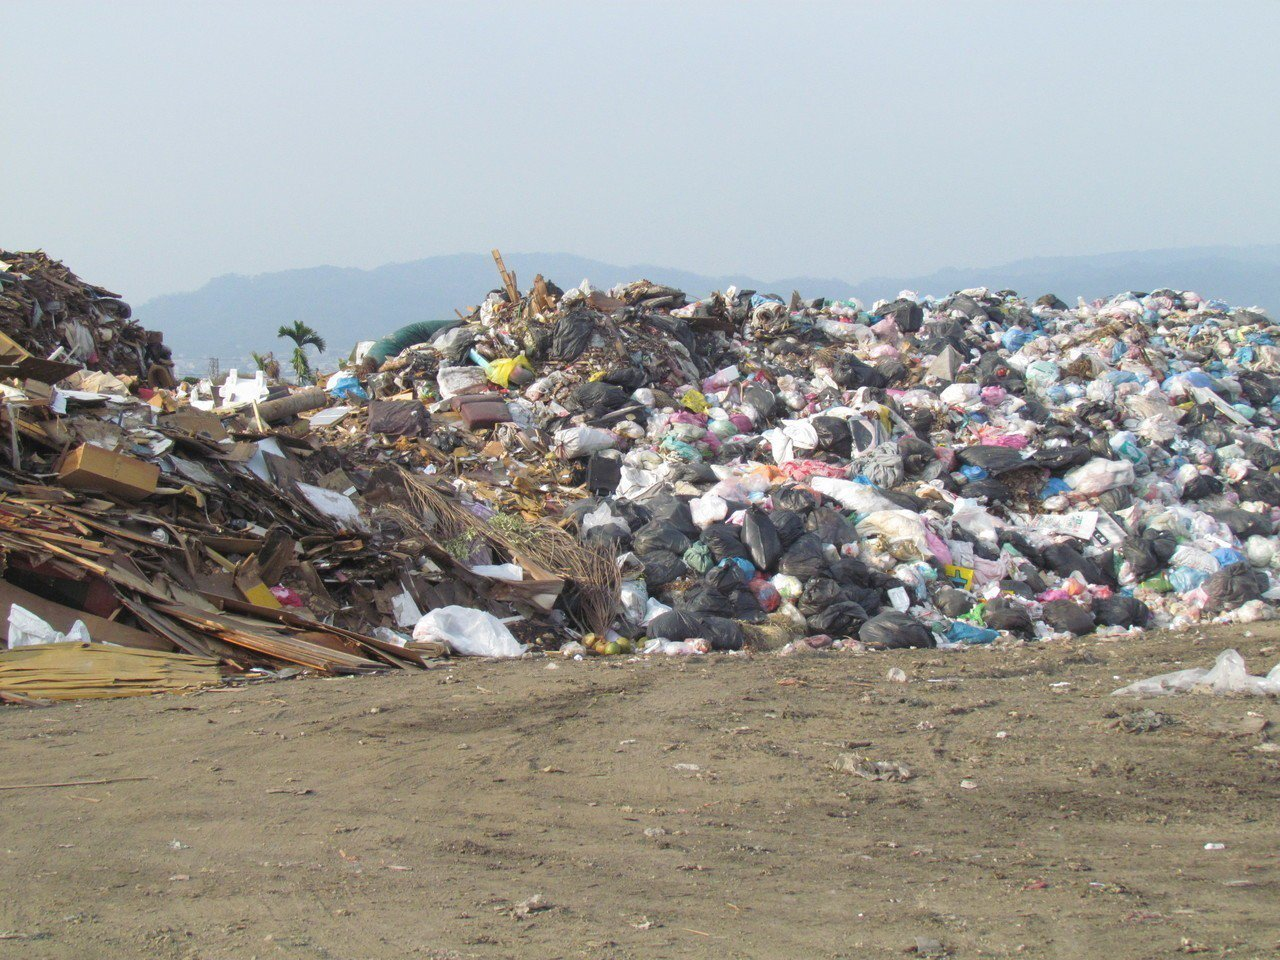 南投縣草屯鎮垃圾堆放1萬7千噸,環保署今天派人前來協助處理。記者張家樂/攝影